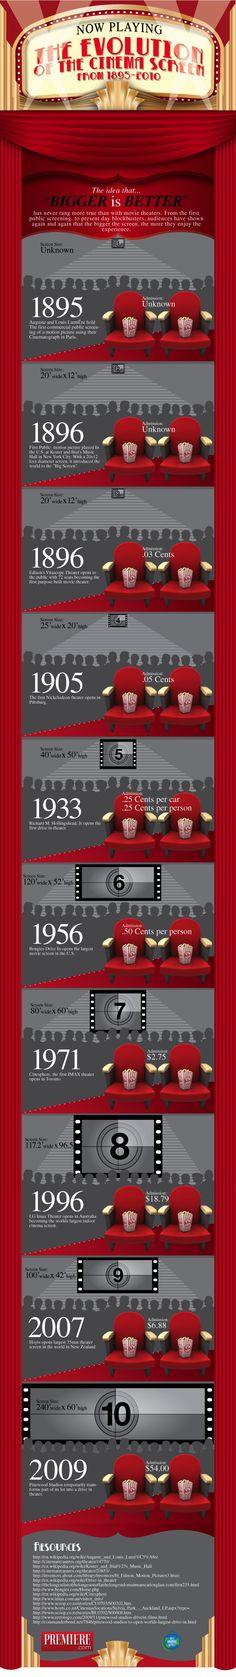 La evolución de las pantallas de cine  #infografia  #infographic